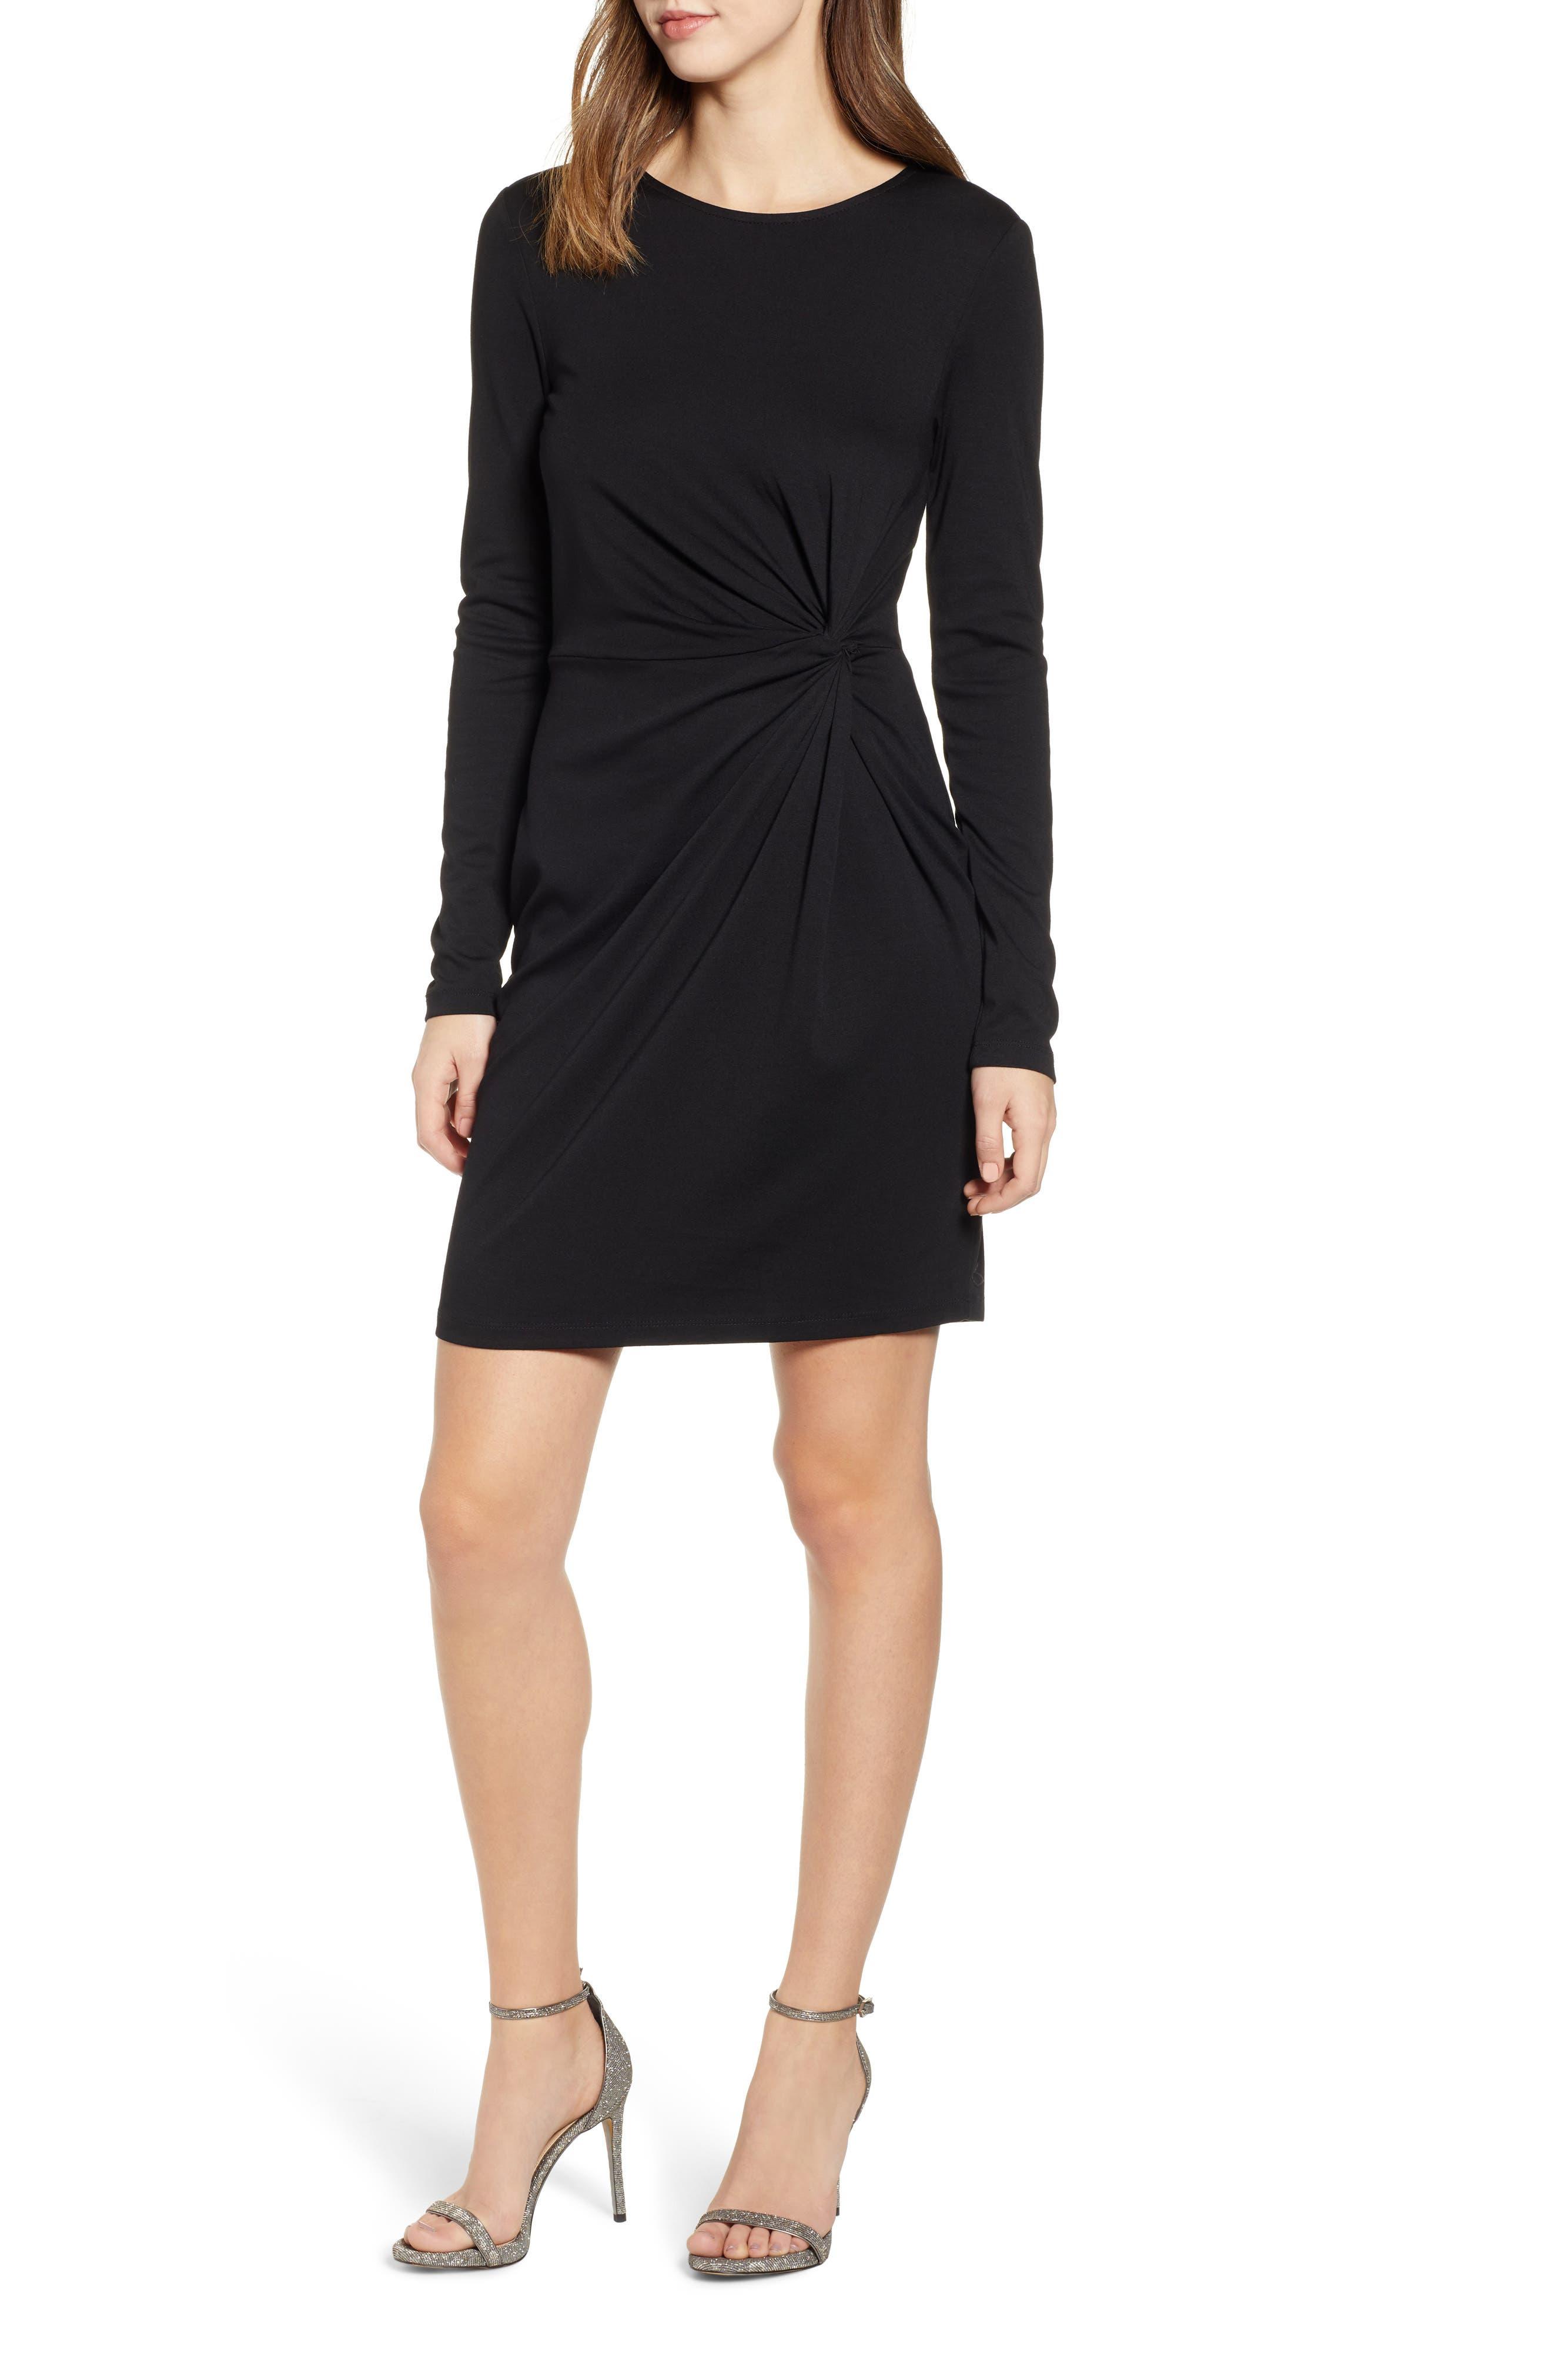 Vero Moda Mia Twist Dress, Black